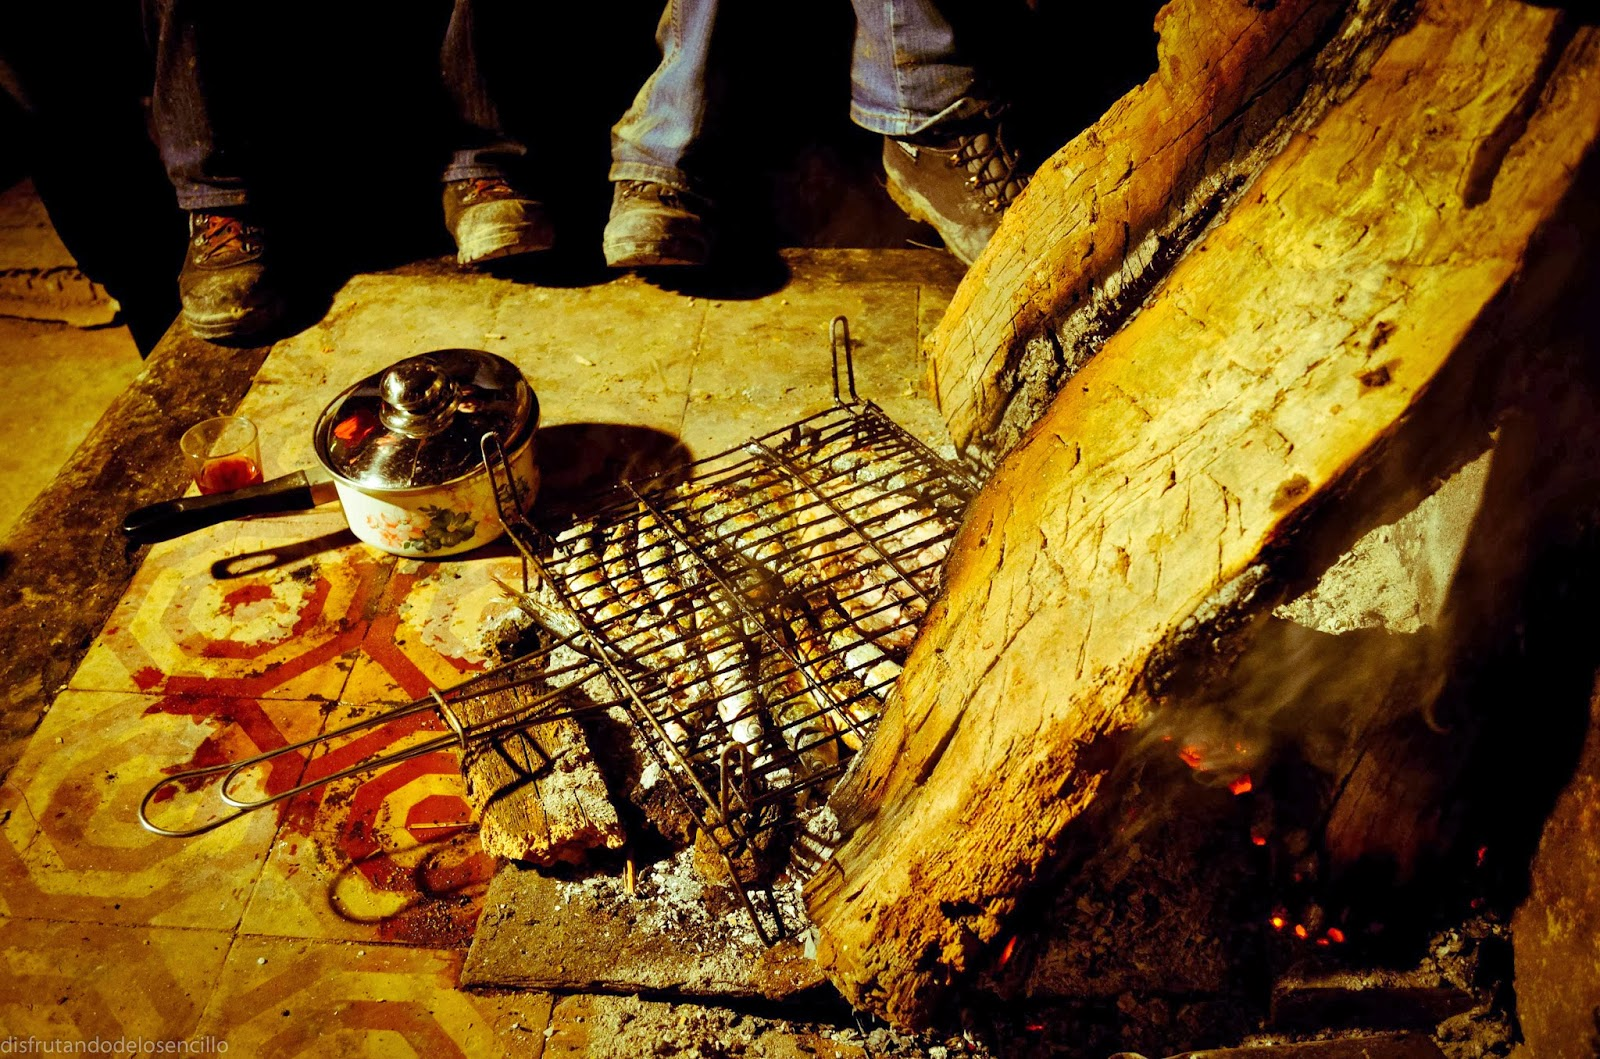 esperando la cena, arraya de oca, burgos, by c.araus